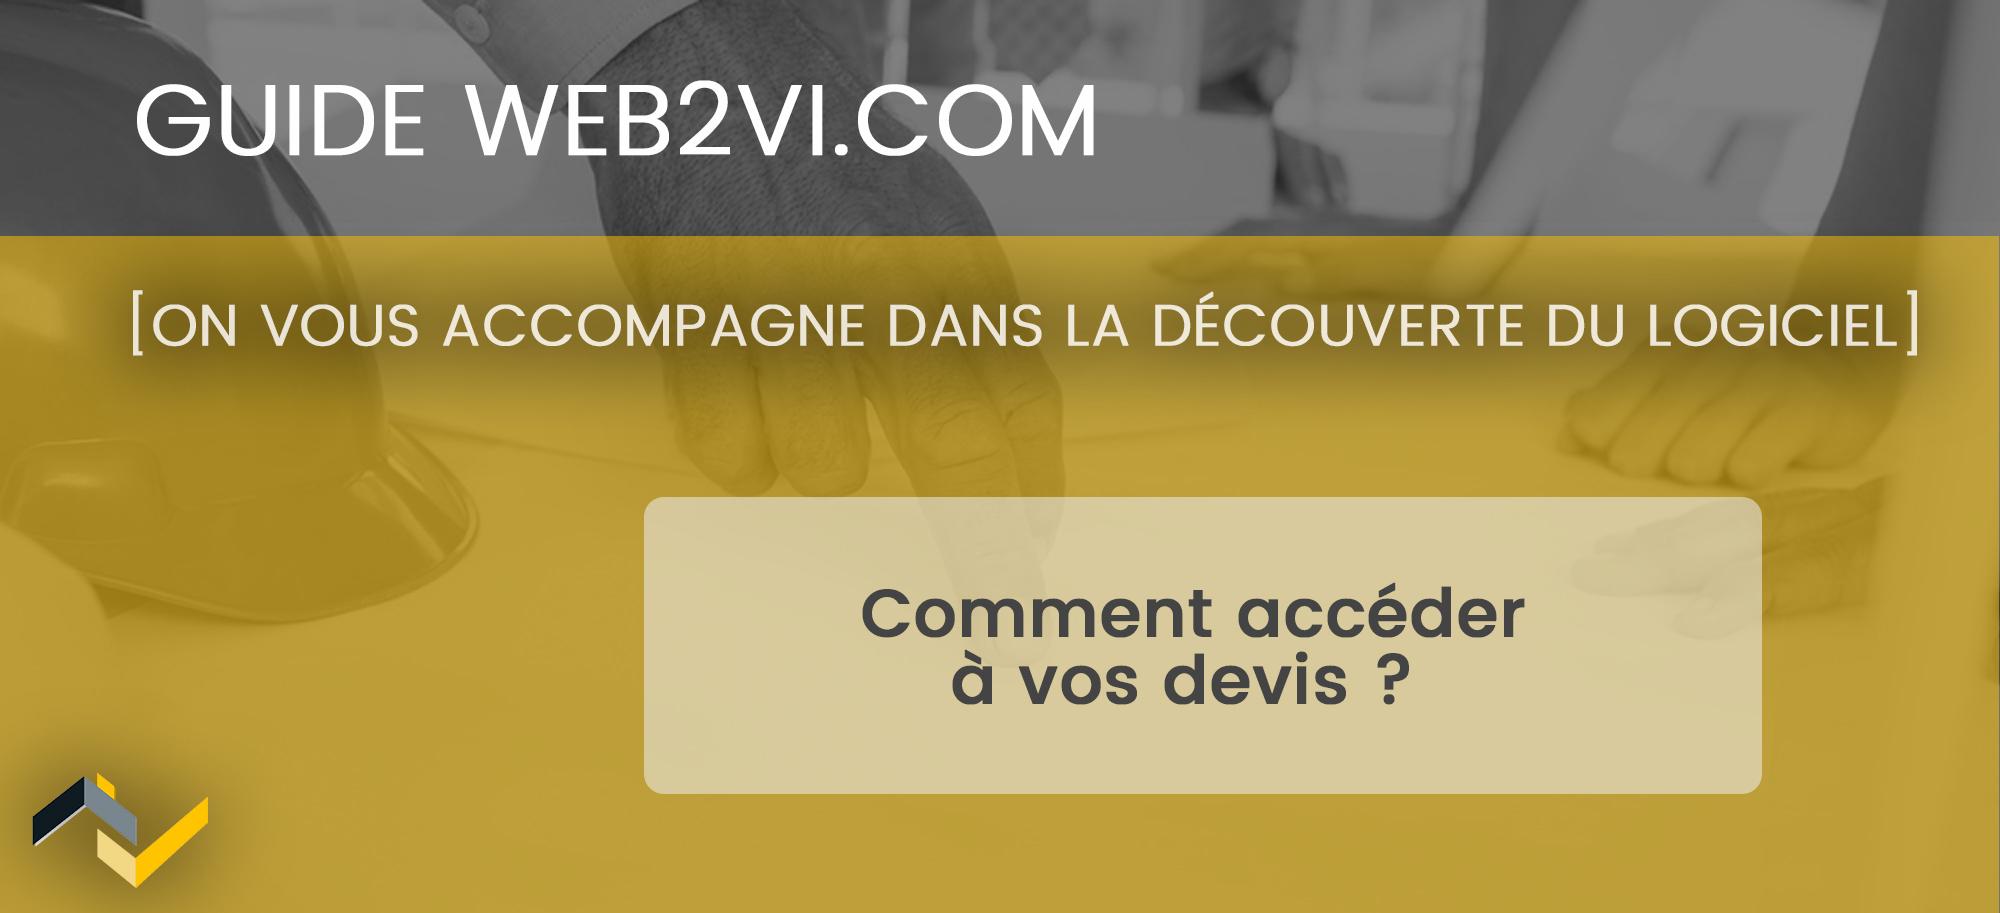 Créer et gérer un devis dans le logiciel Web2vi.com